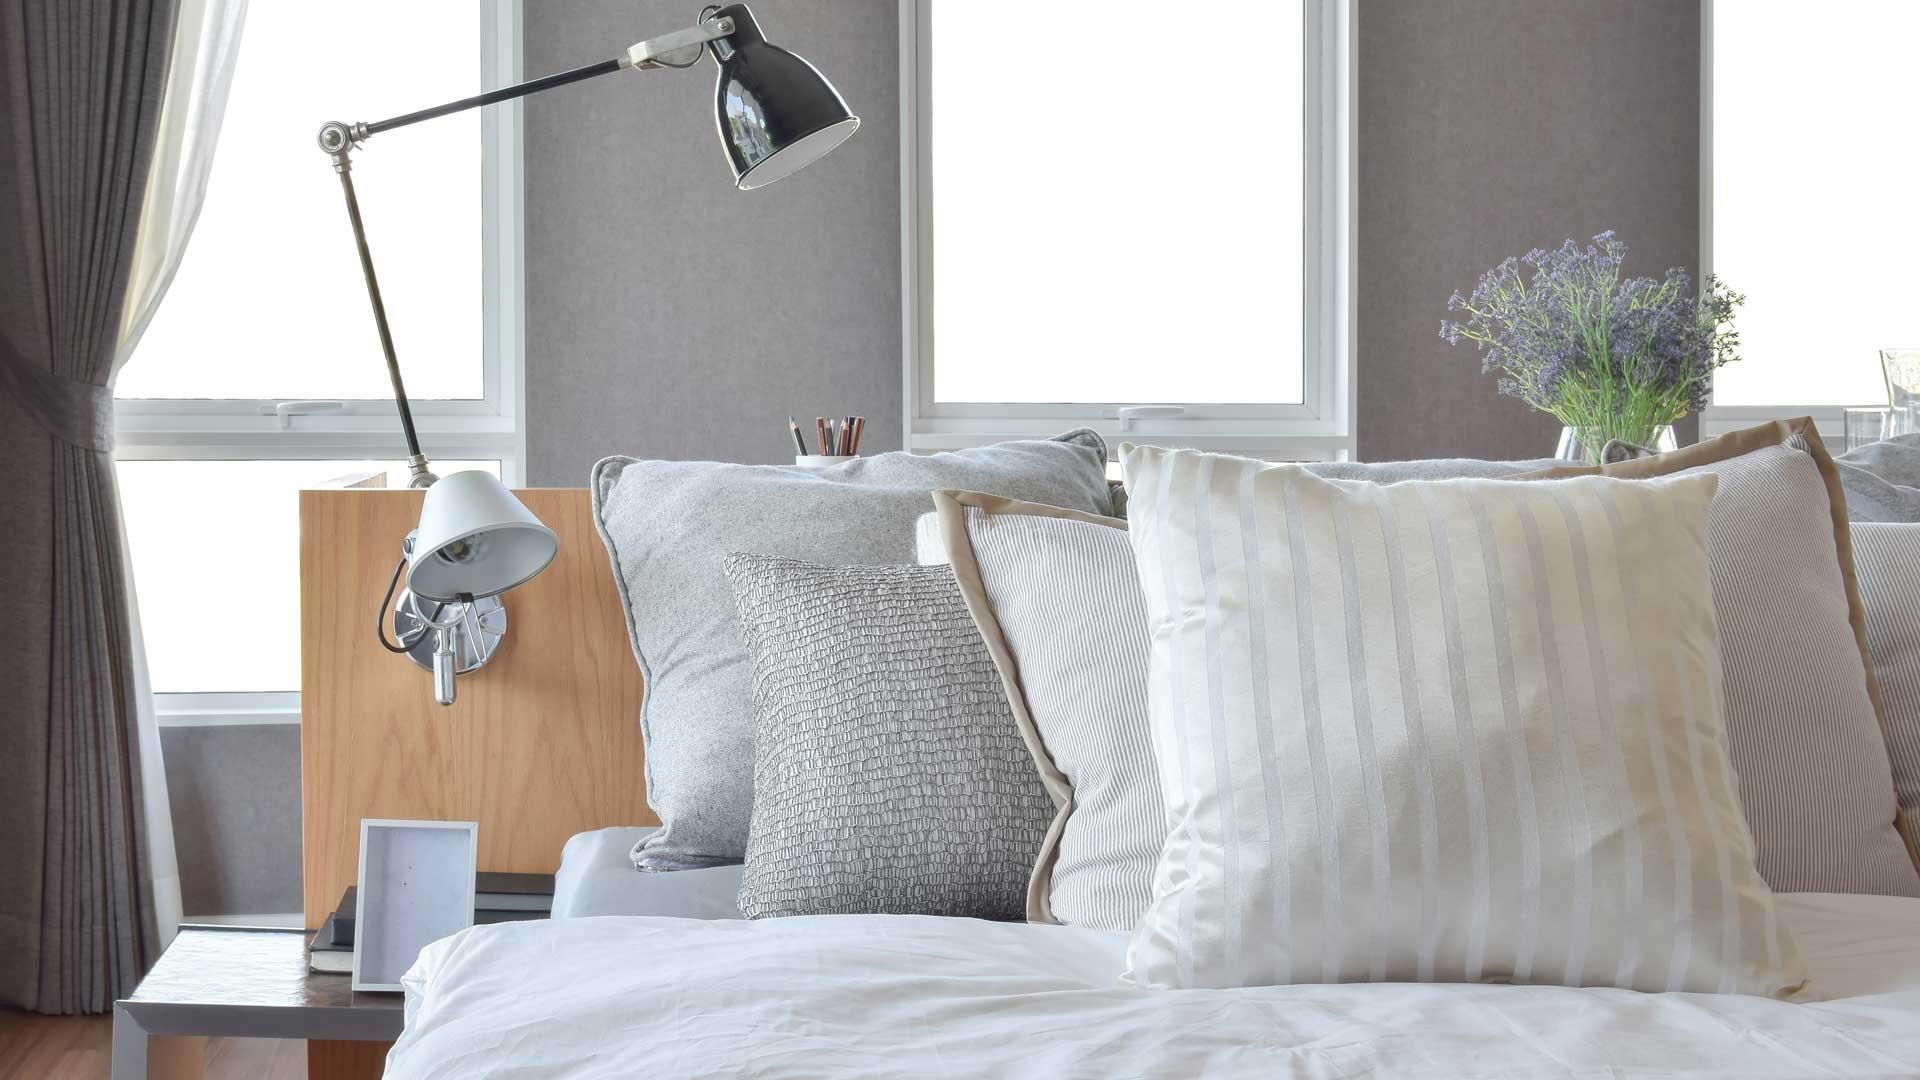 Cuscini decorativi: come disporre i cuscini sul letto